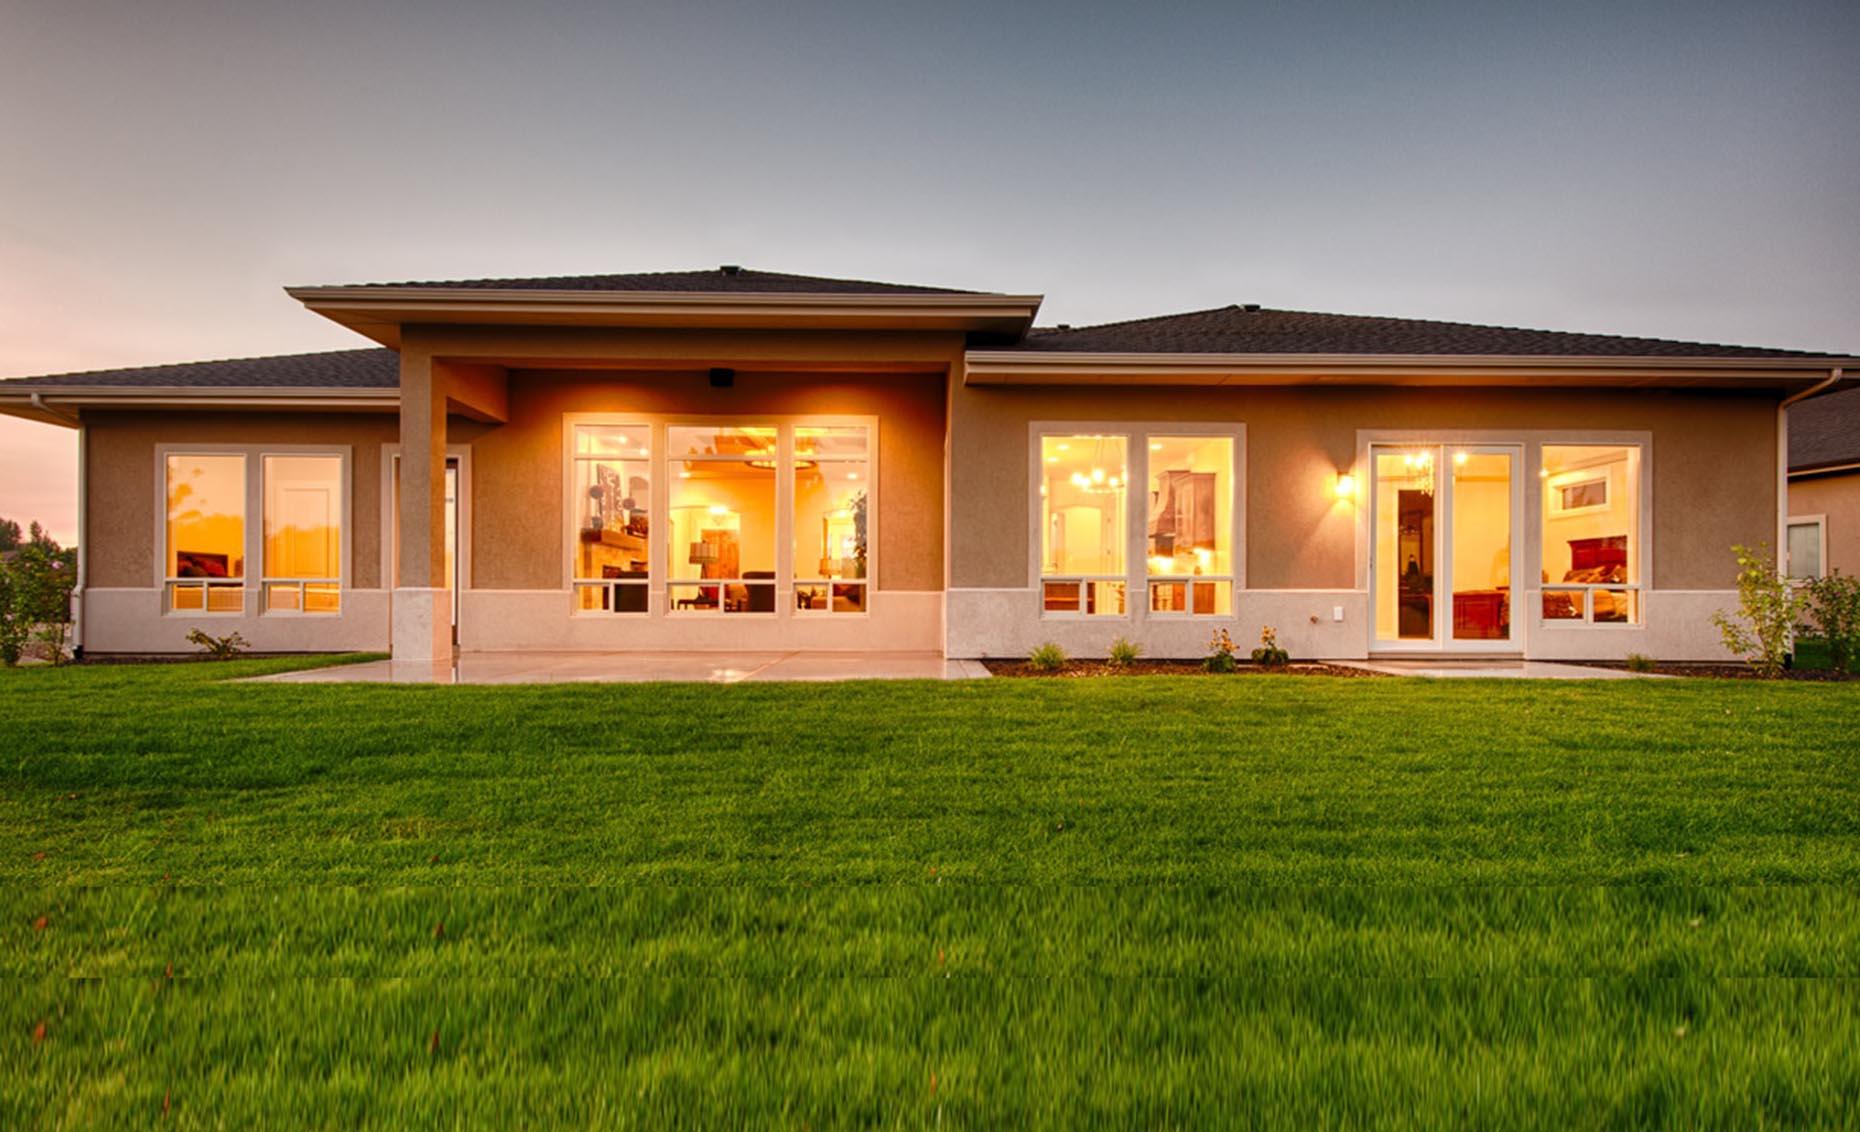 The Villa House Exterior Backyard